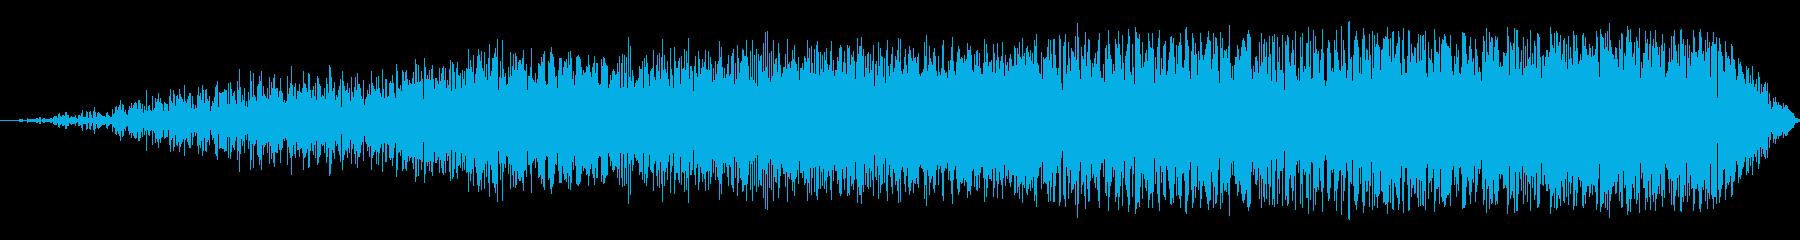 ビッグシンセビルドアップの再生済みの波形